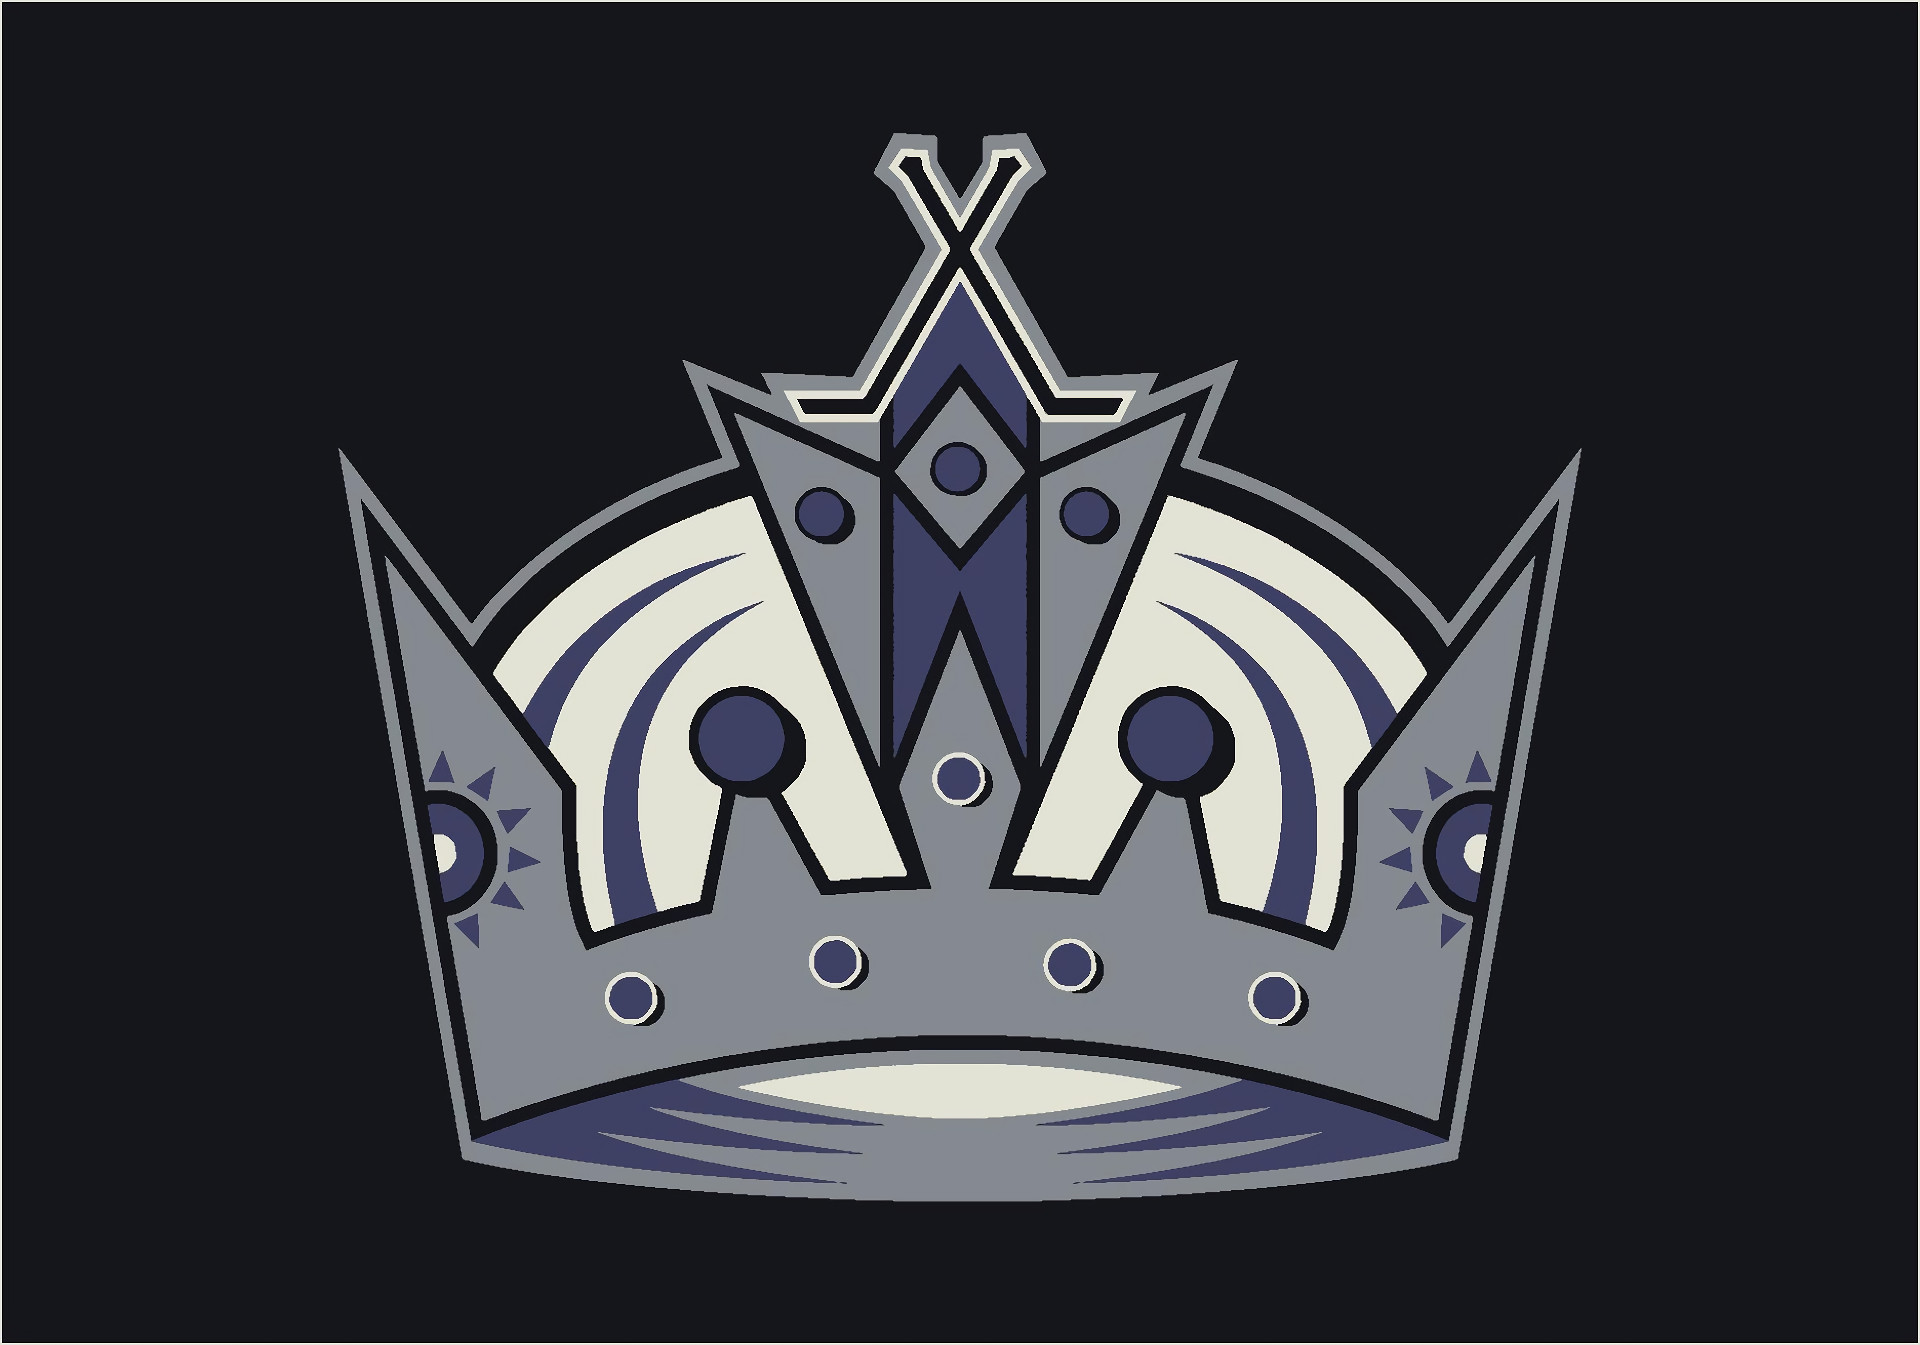 Skyrim Iphone X Wallpaper La Kings Logo Wallpaper 72 Images